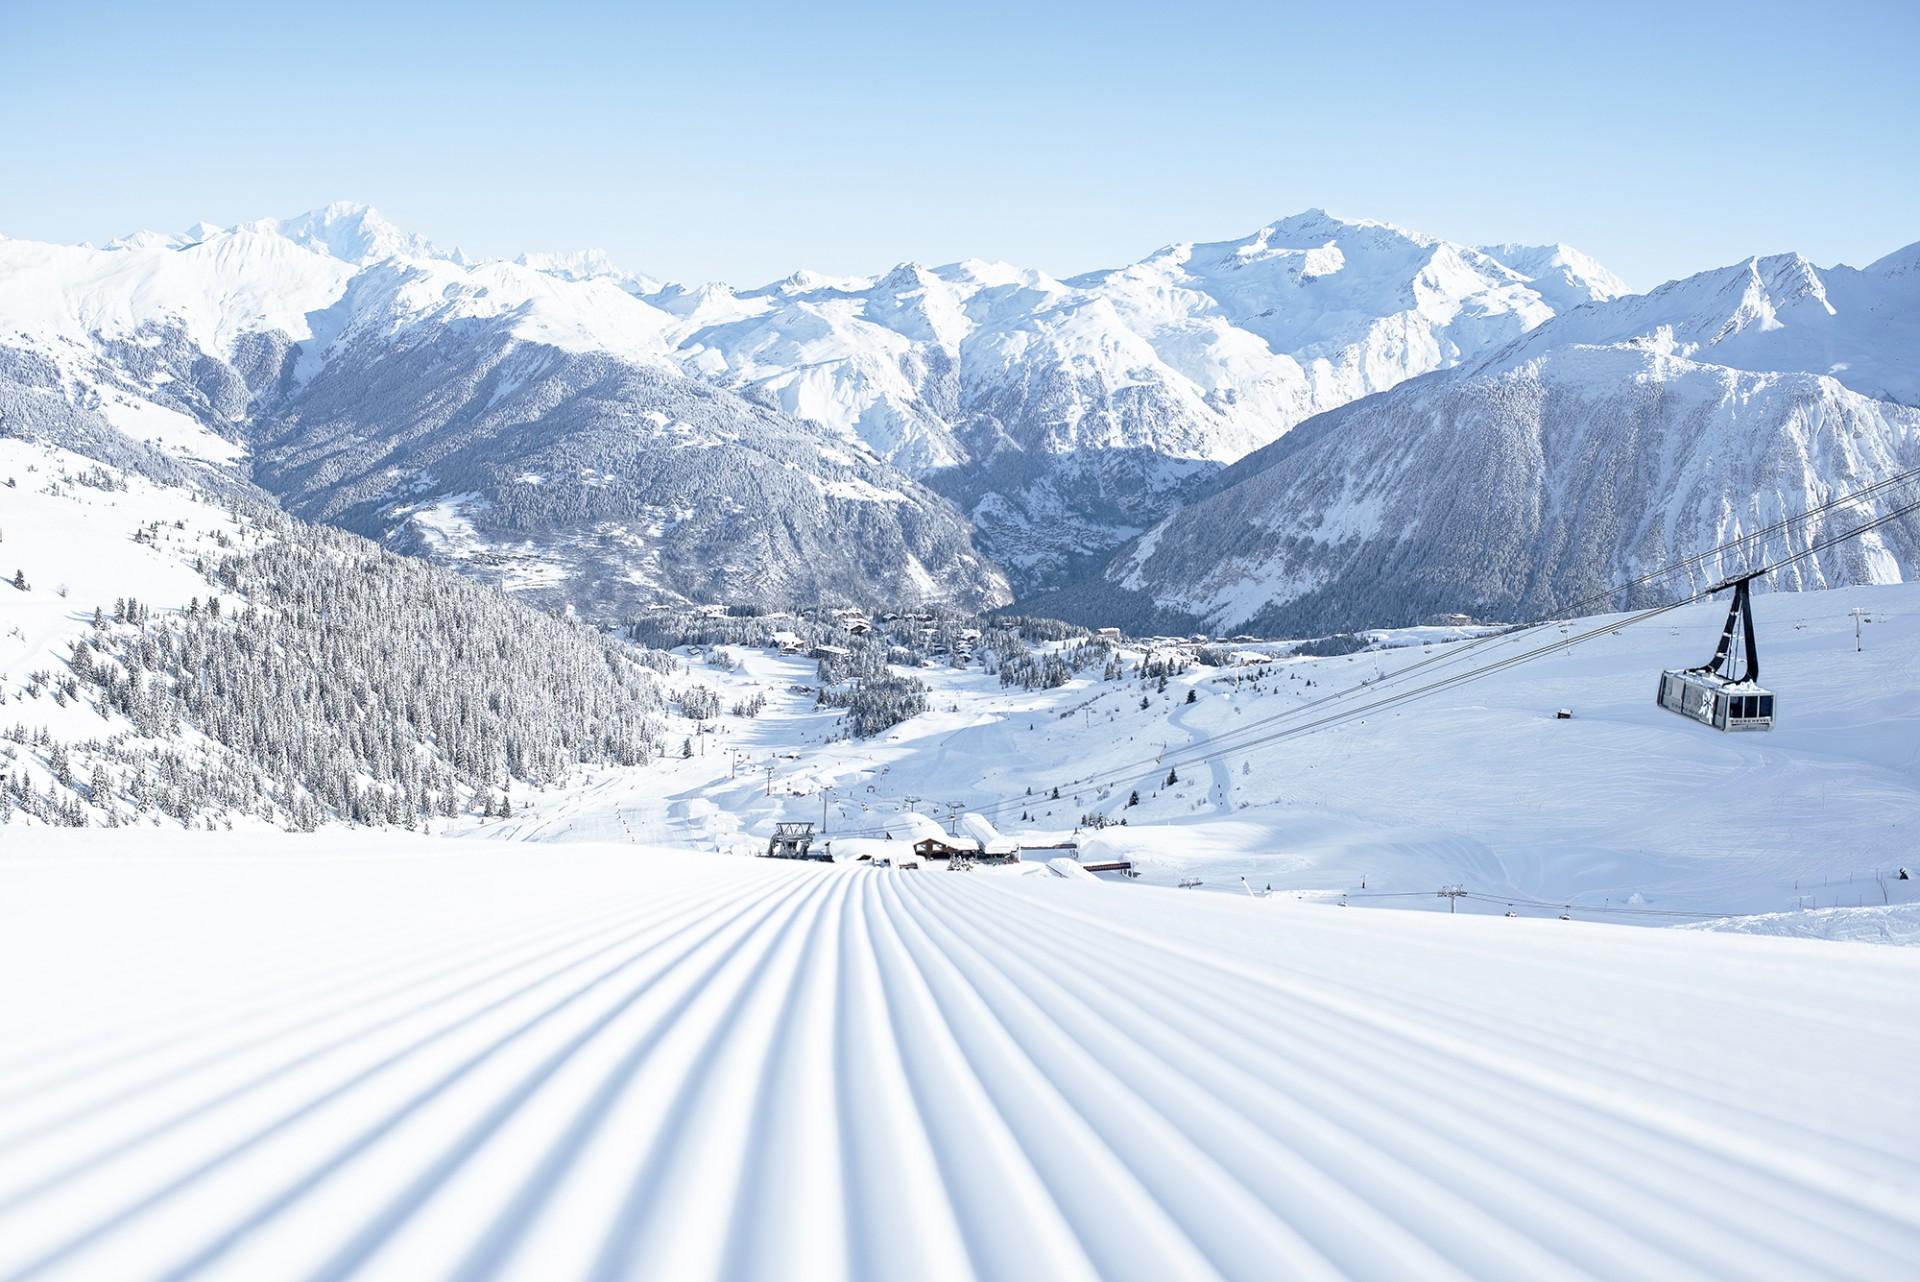 Vente de forfaits de ski